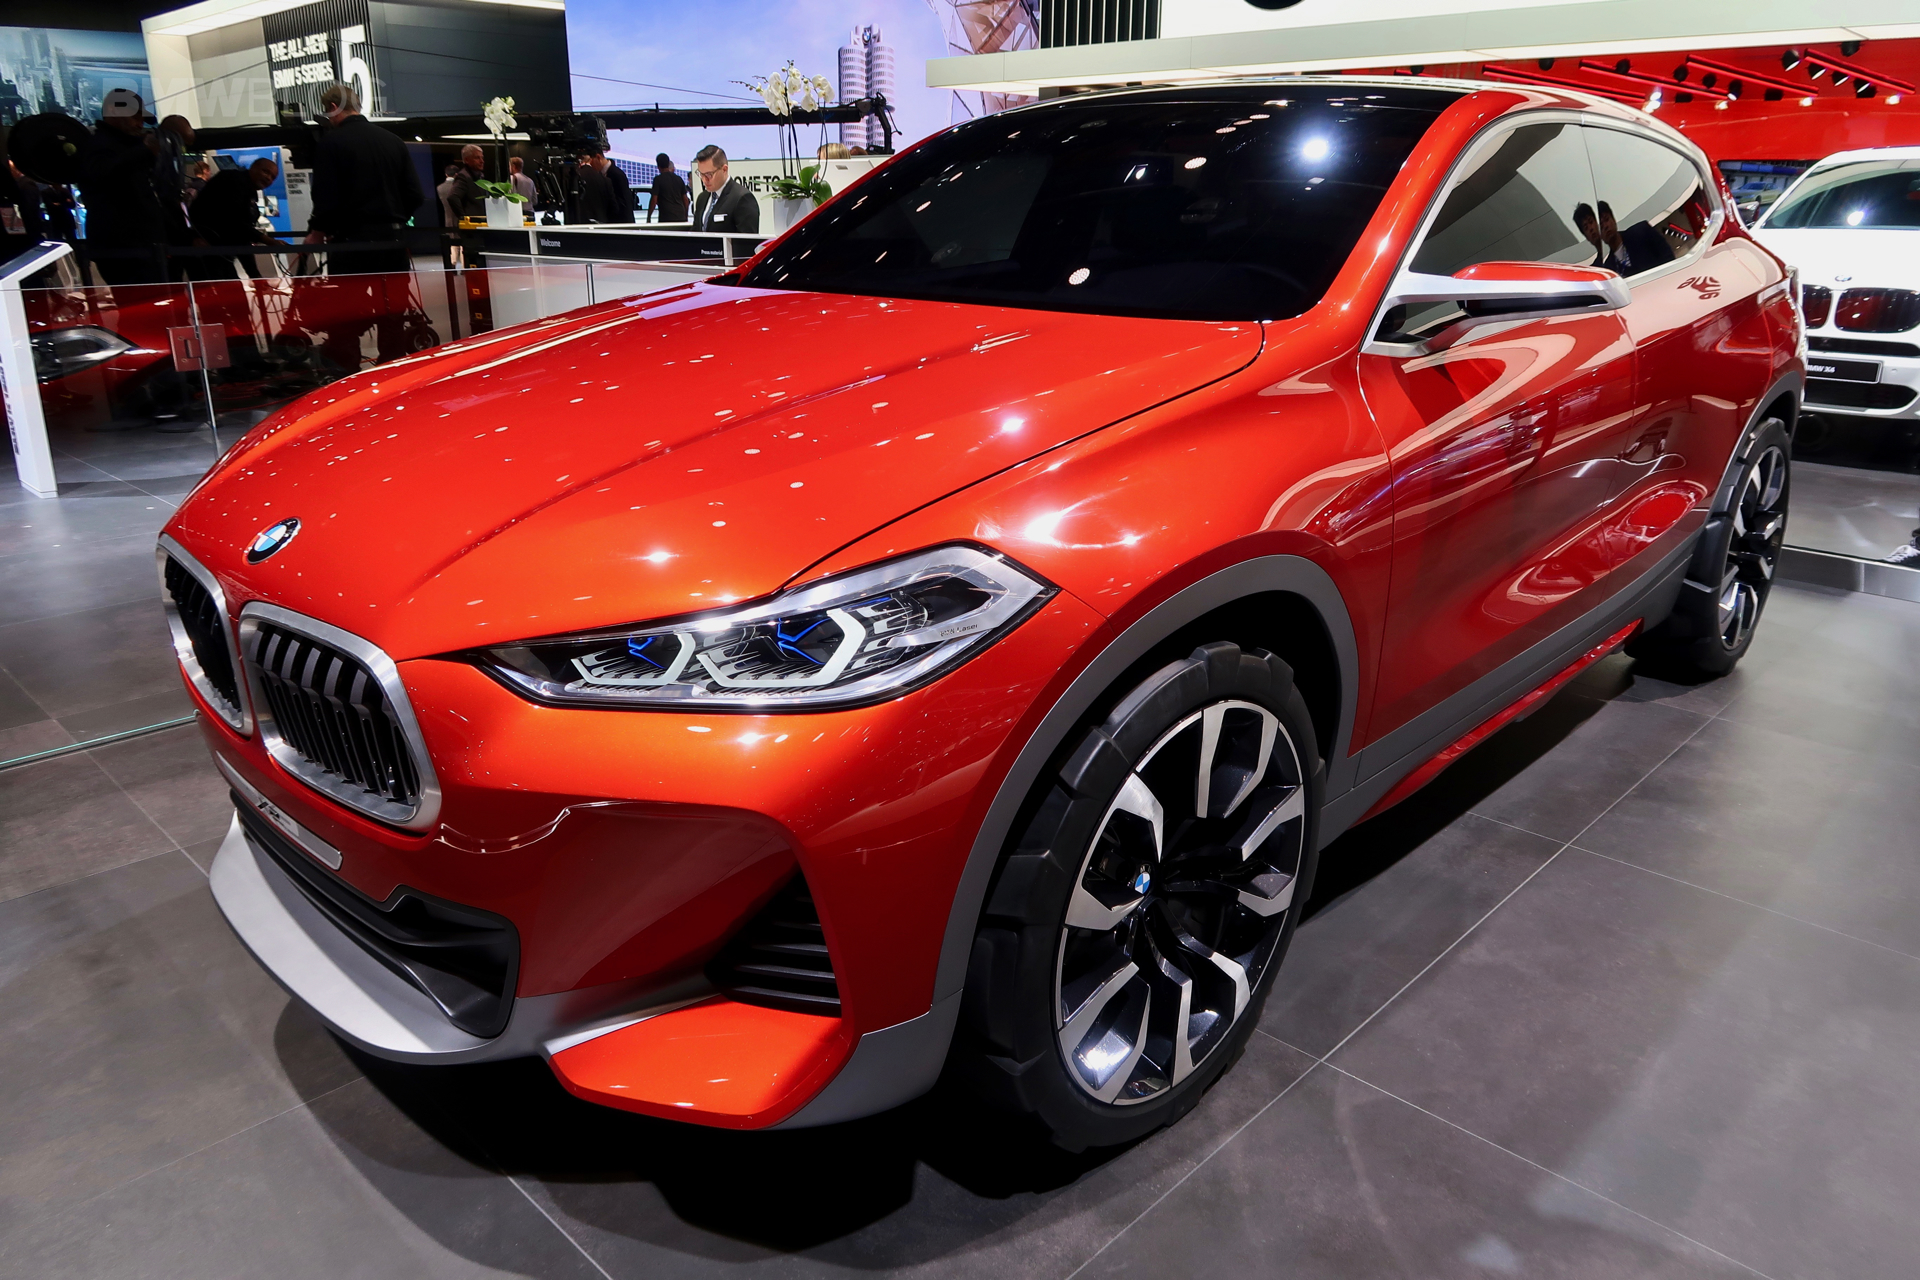 BMW Concept X2 Detroit Auto Show 06